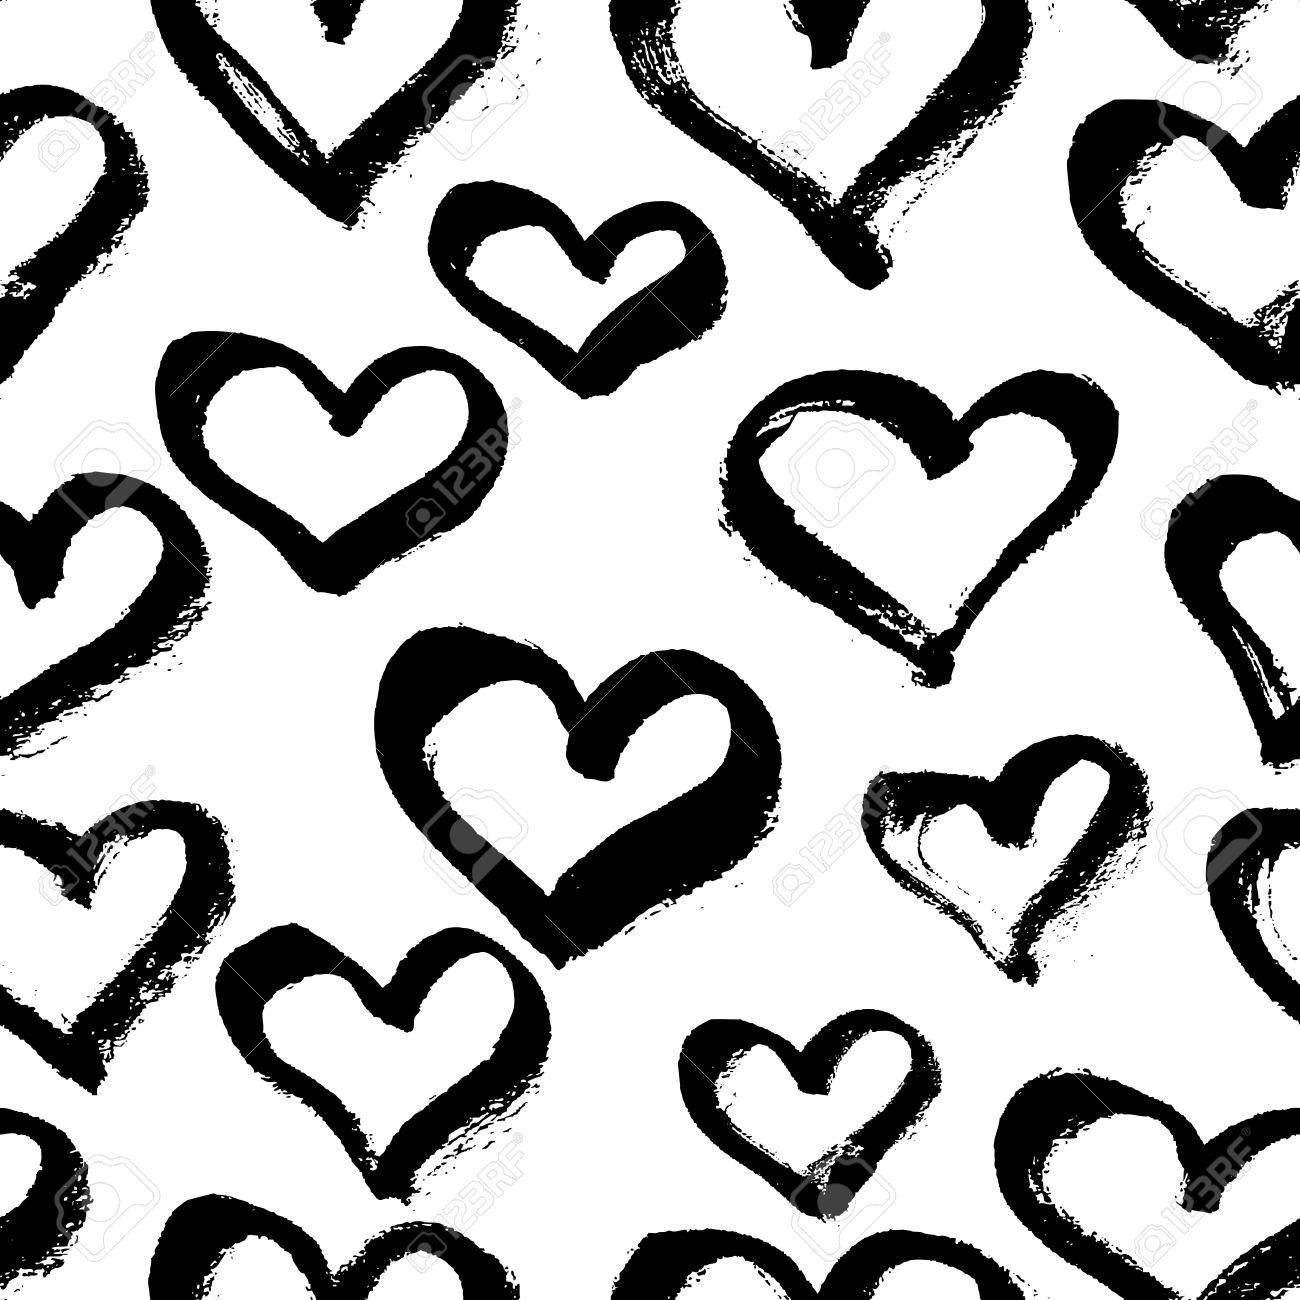 1300x1300 Drawn Pattern Heart